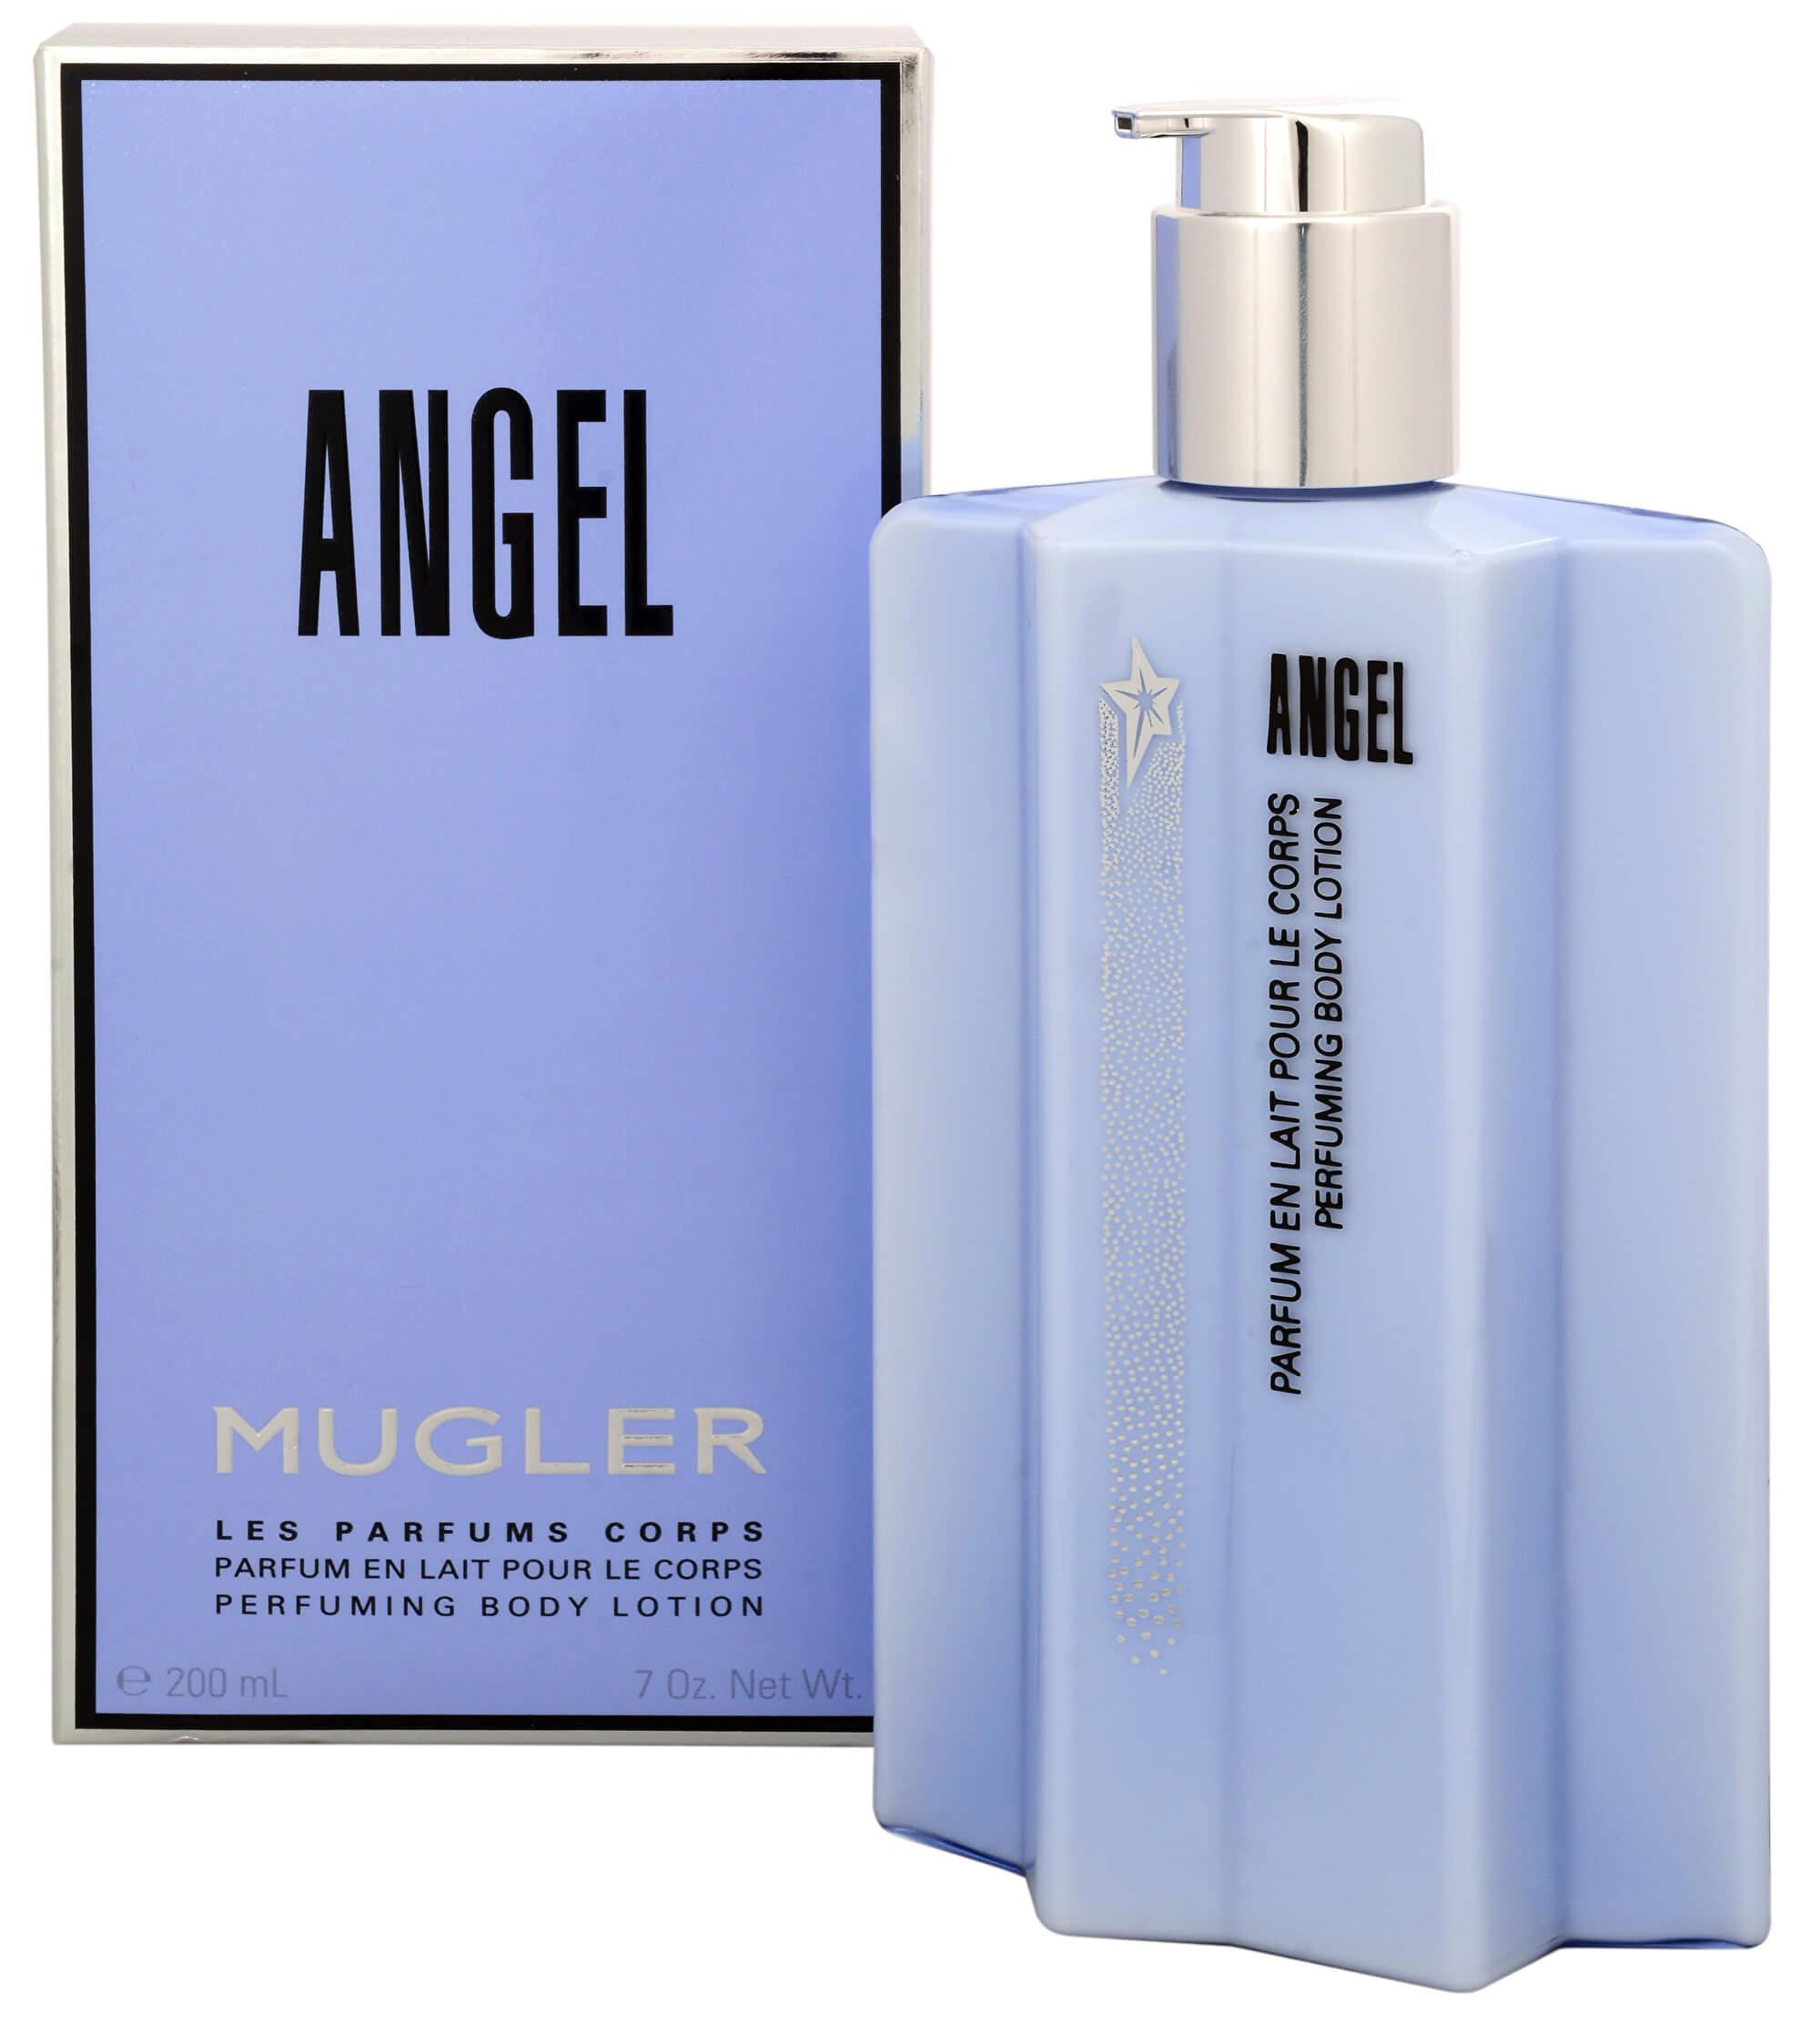 lait parfume pour le corps angel